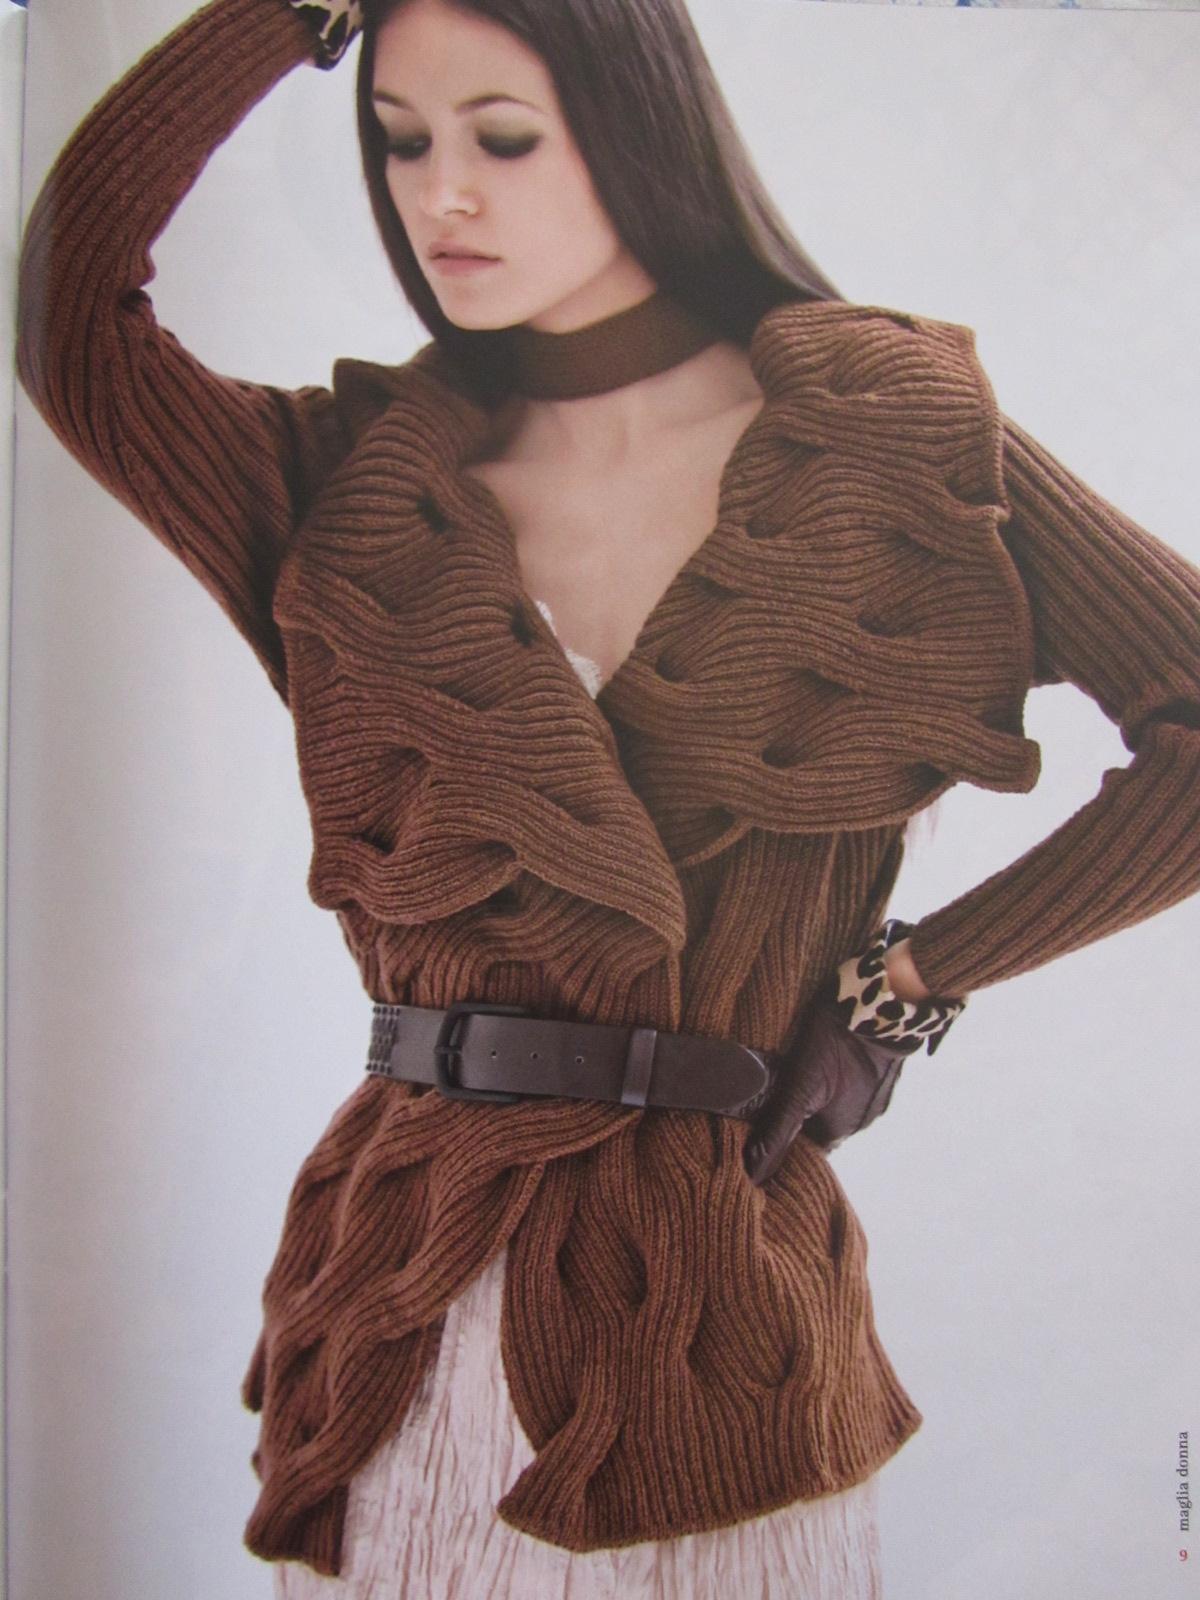 ...схемы вязания крючком вязание для женщин крючком .. схемы вязания крючком вязание вязание крючком вязание на спицах.